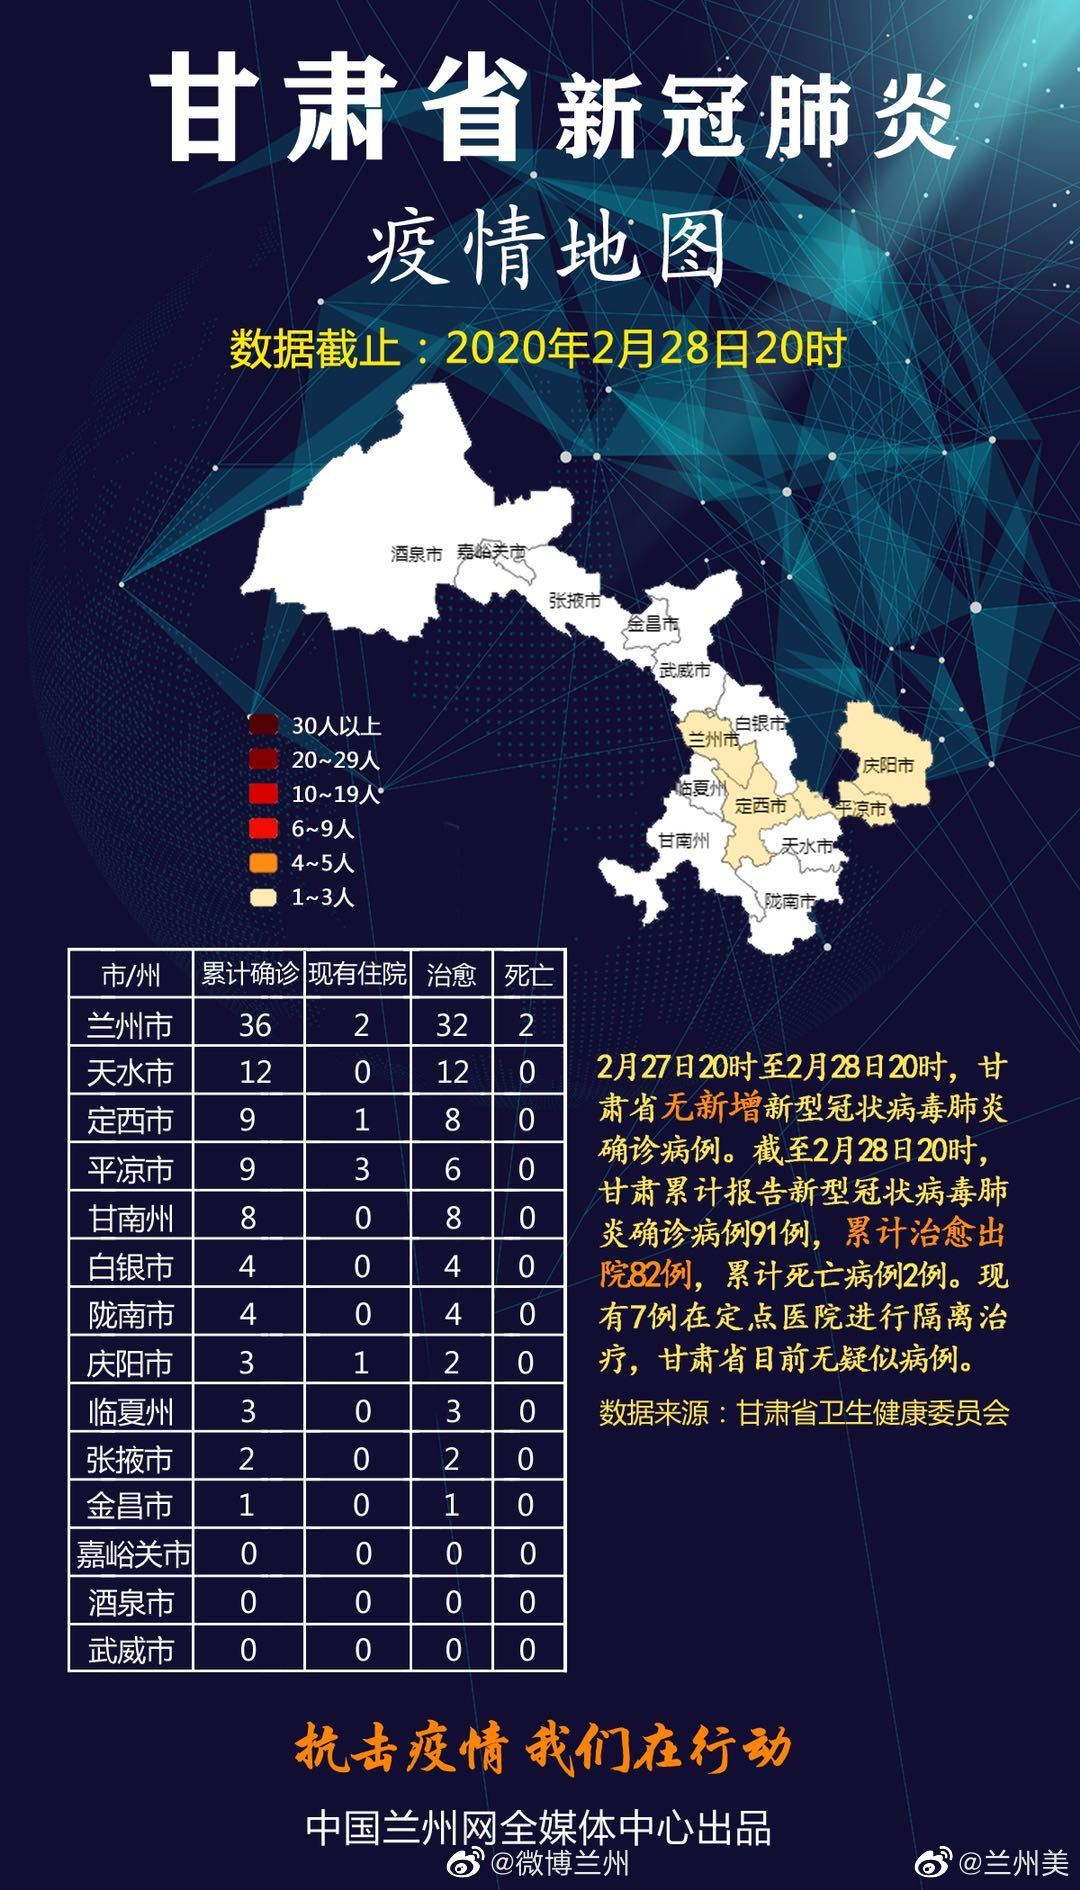 【图解 | 甘肃省新冠肺炎疫情地图(截至2月28日20时)